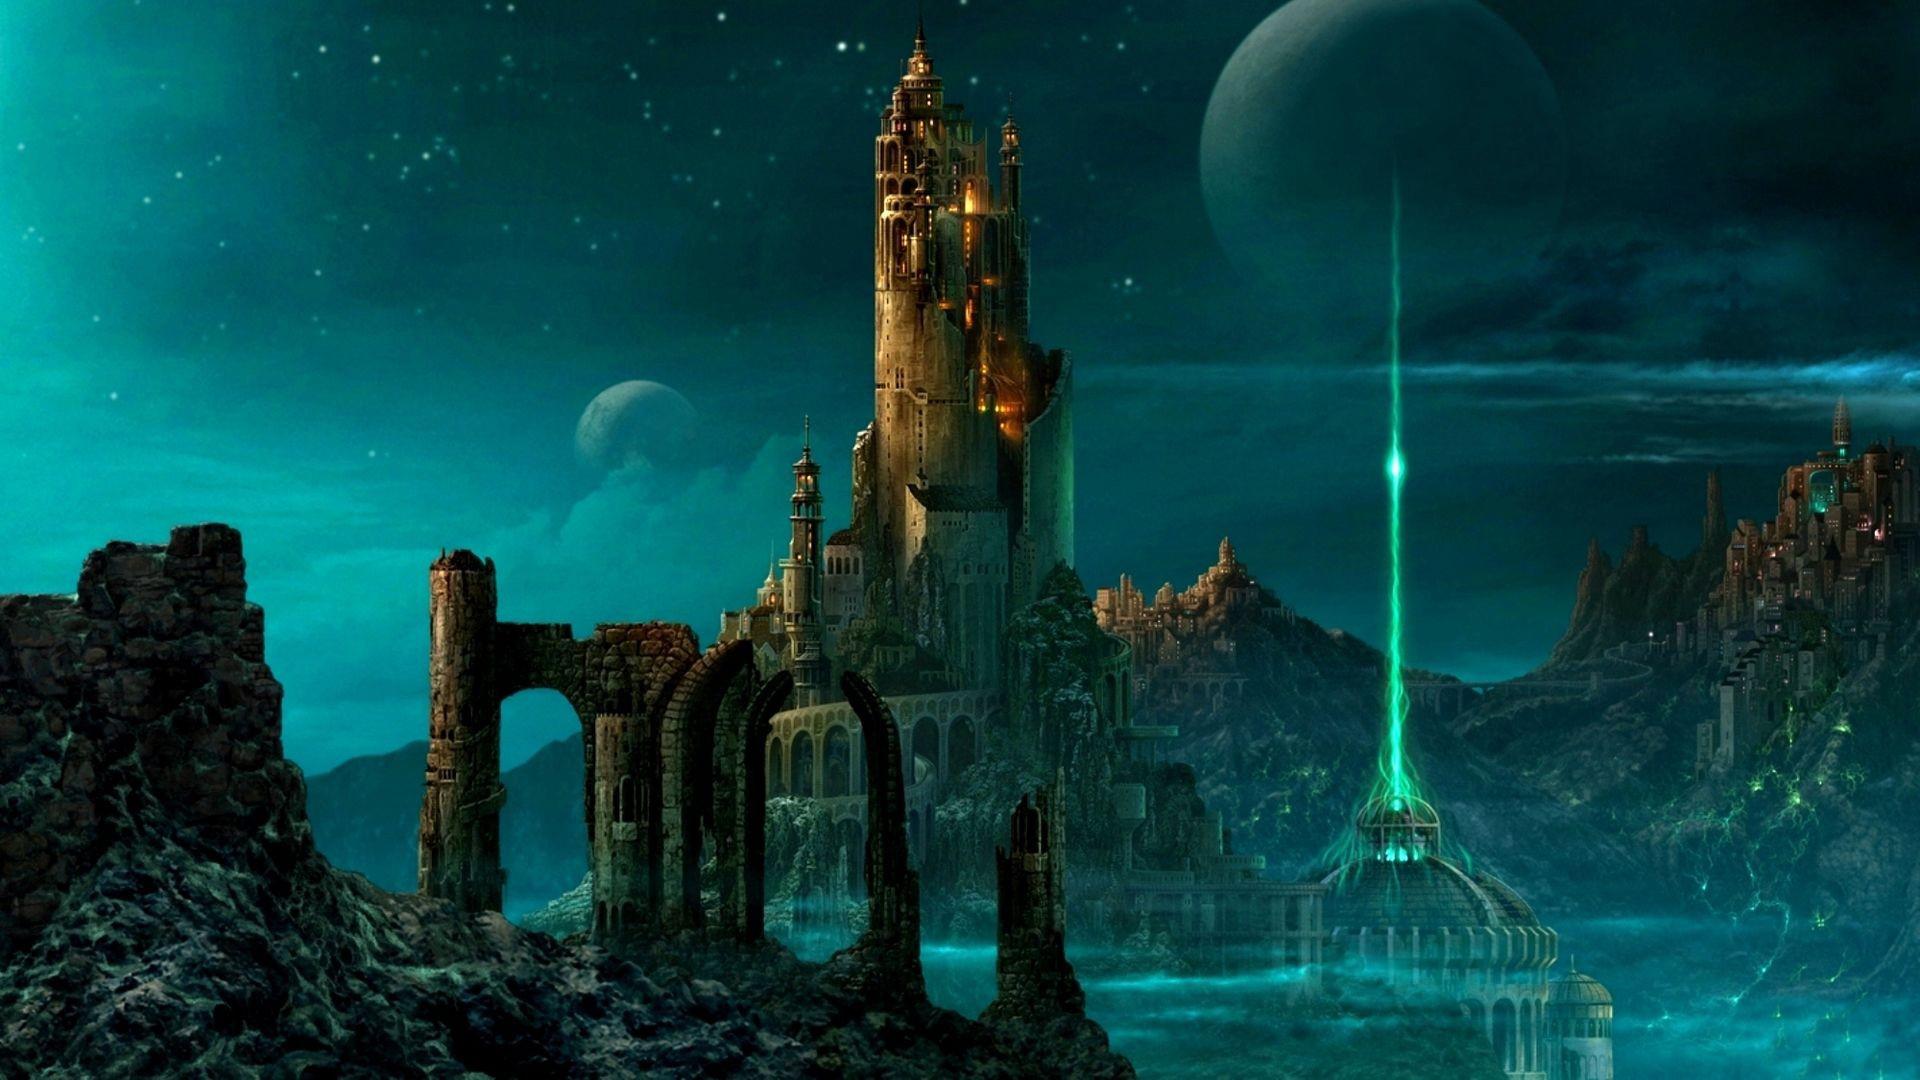 Замок в лучах света  № 917186 бесплатно